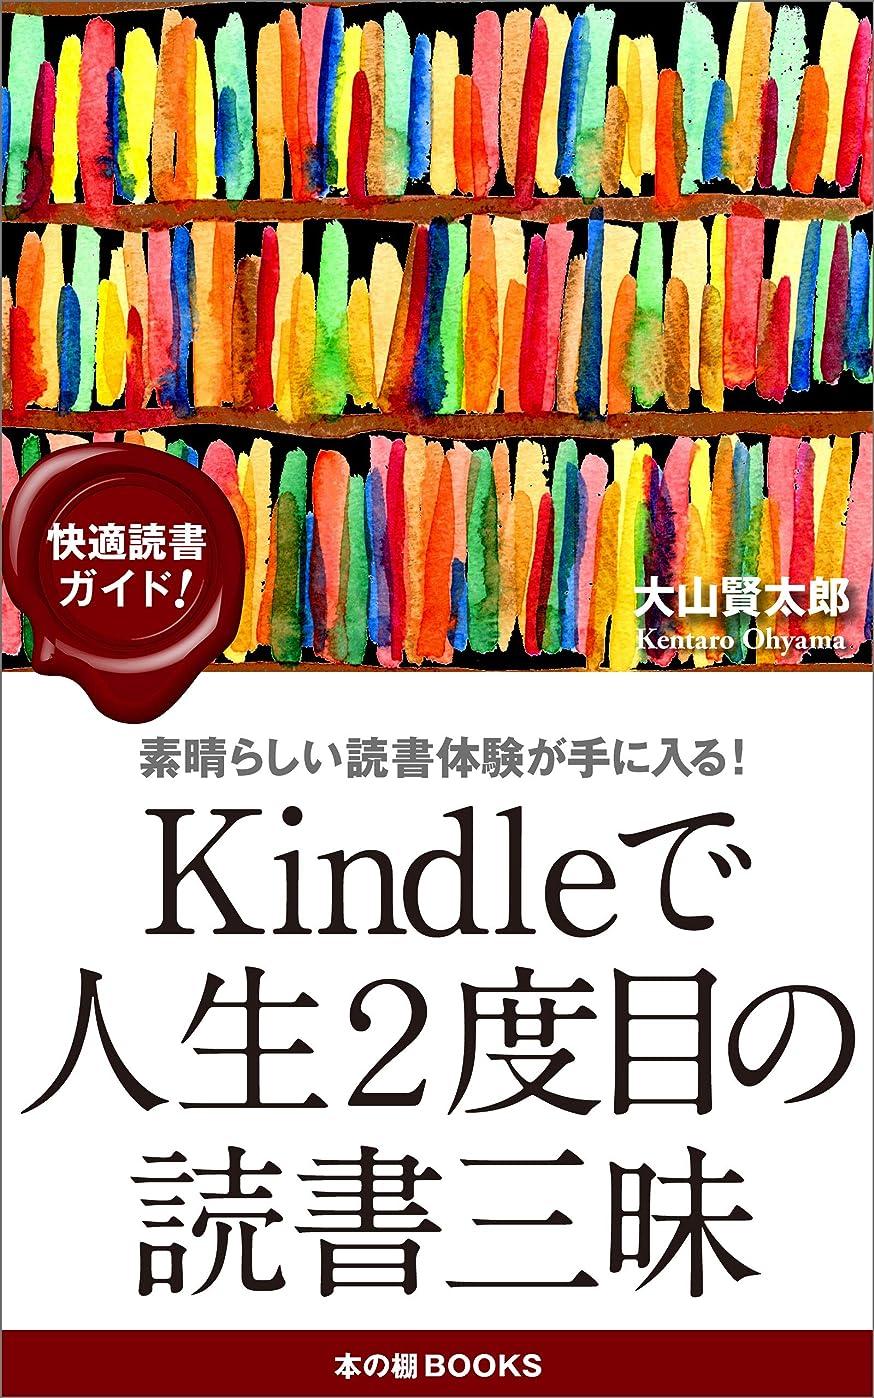 りんごコンクリートほのかKindleで人生2度目の読書三昧: Kindleを思う存分に活用して脳力強化のハイパー読書術! 読書三昧シリーズ (3)